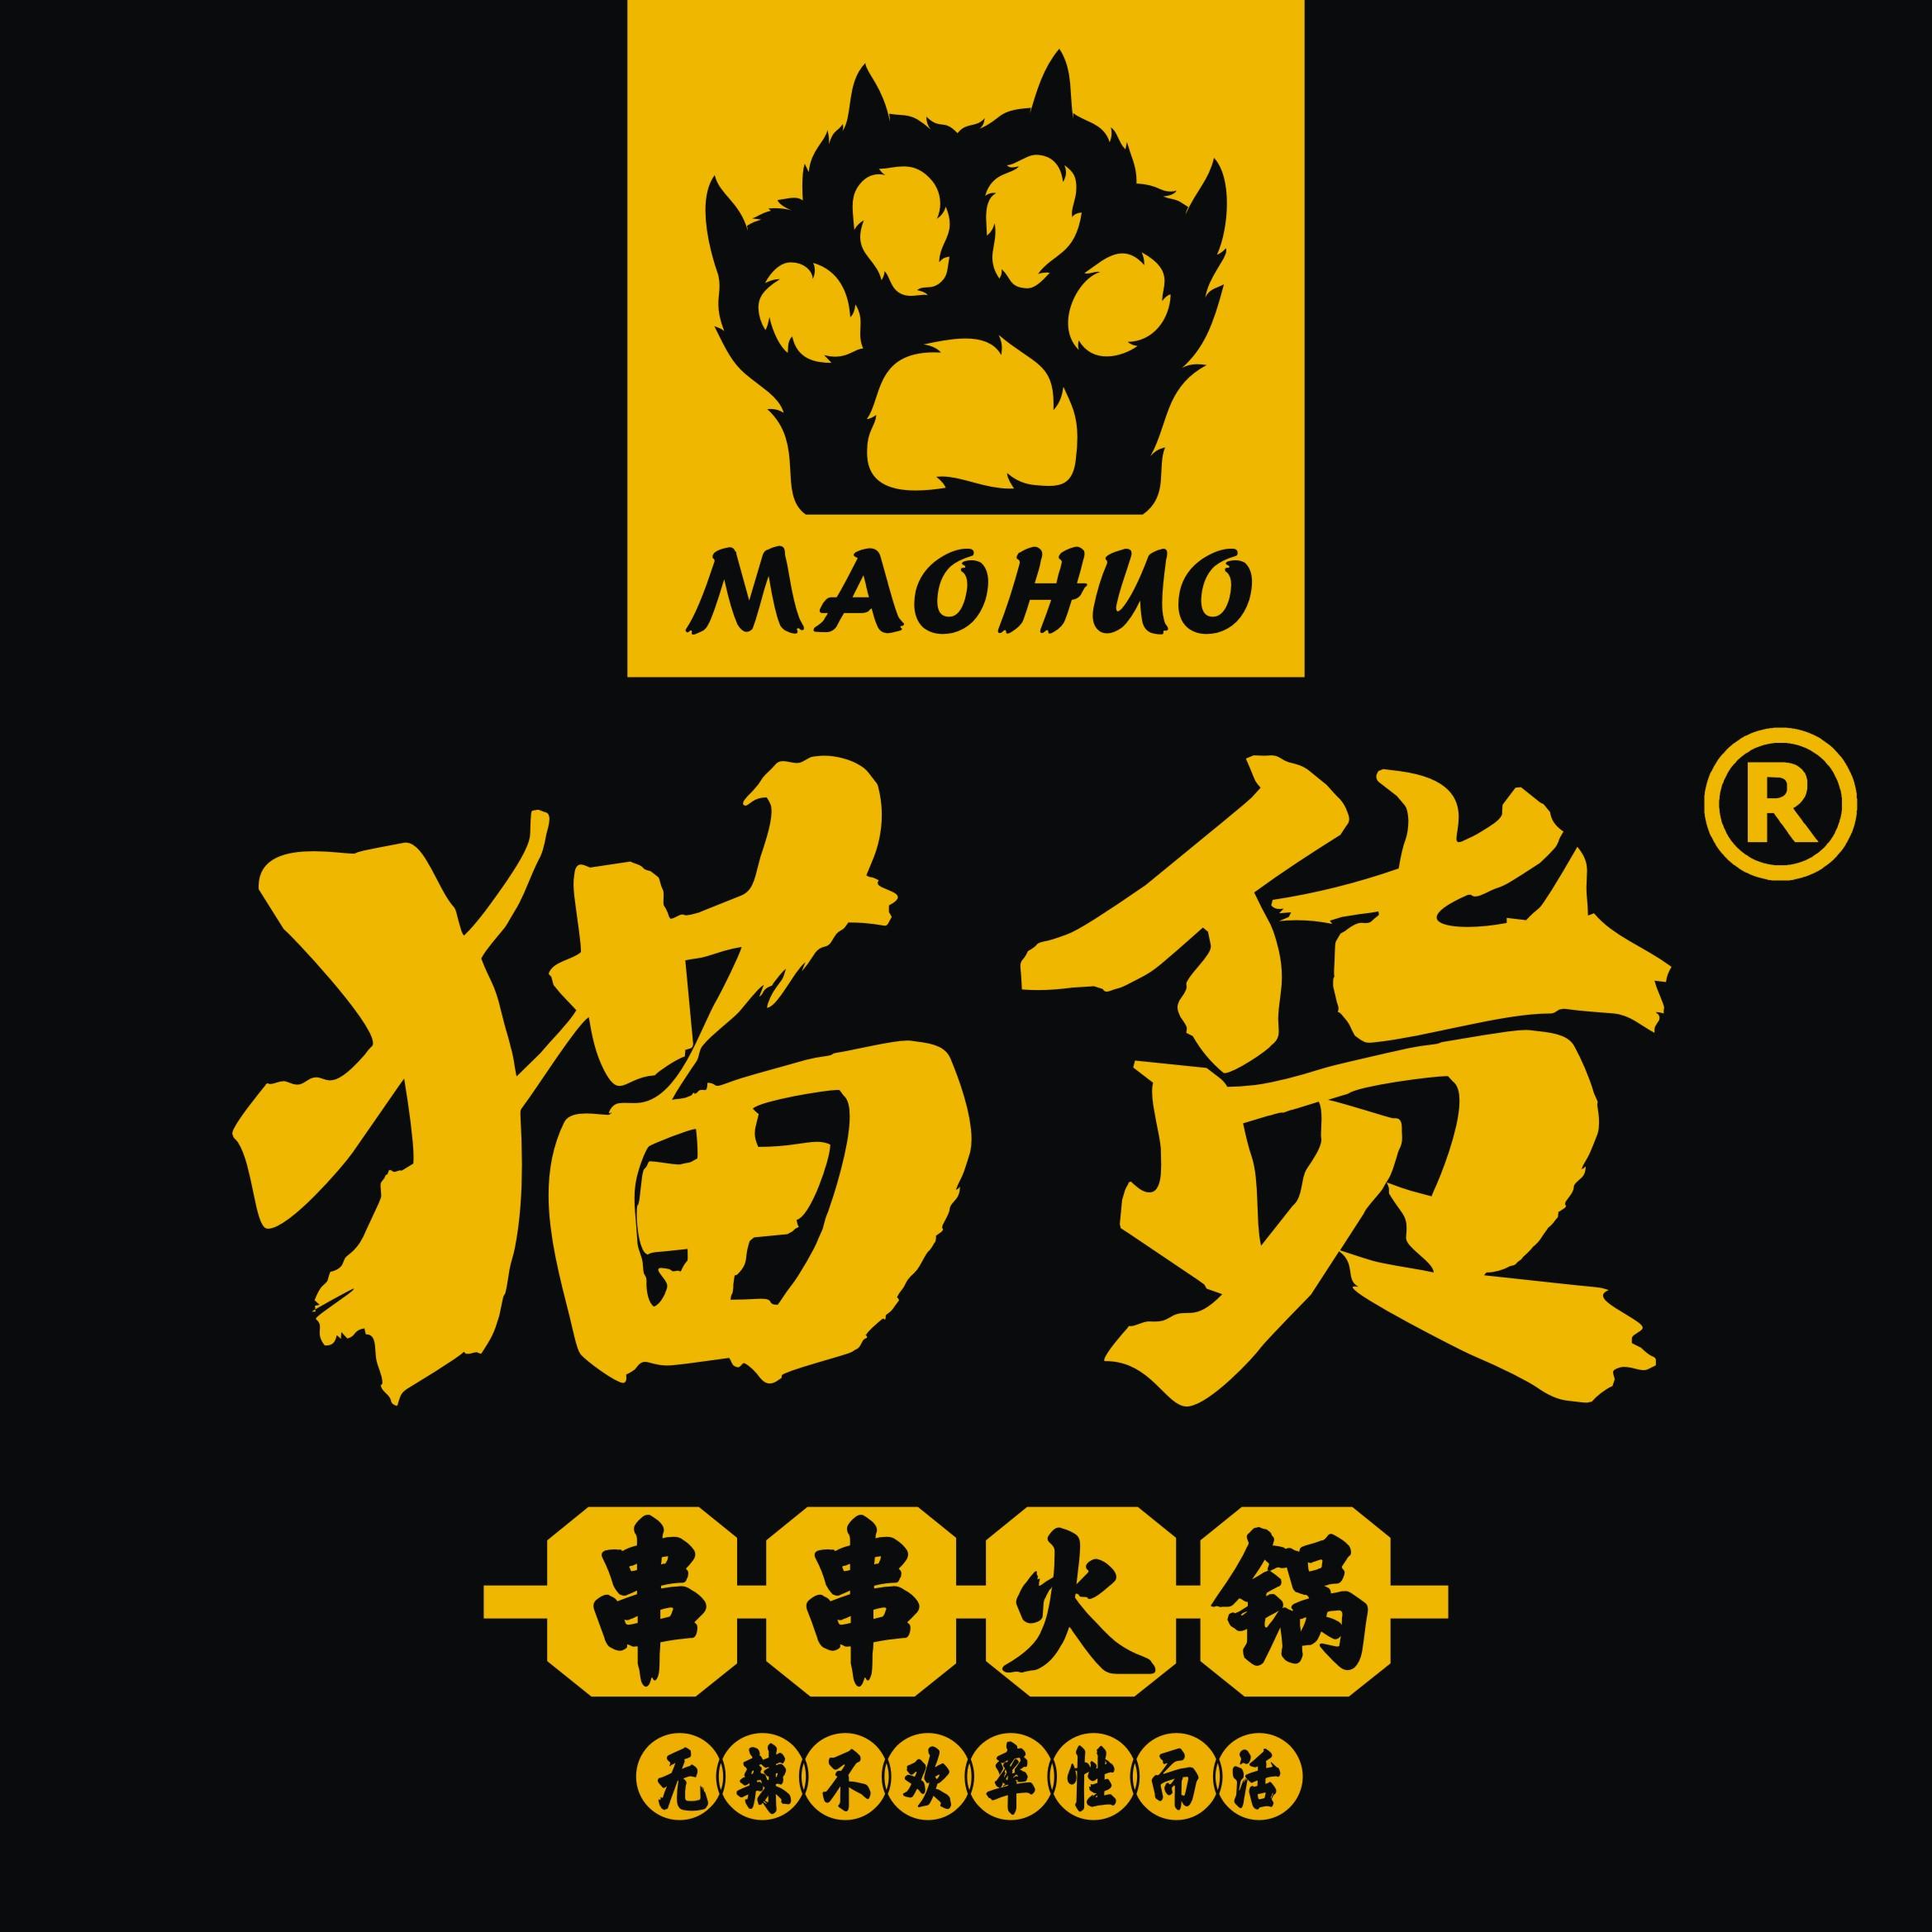 貓貨串串火鍋-中國串串香火鍋加盟